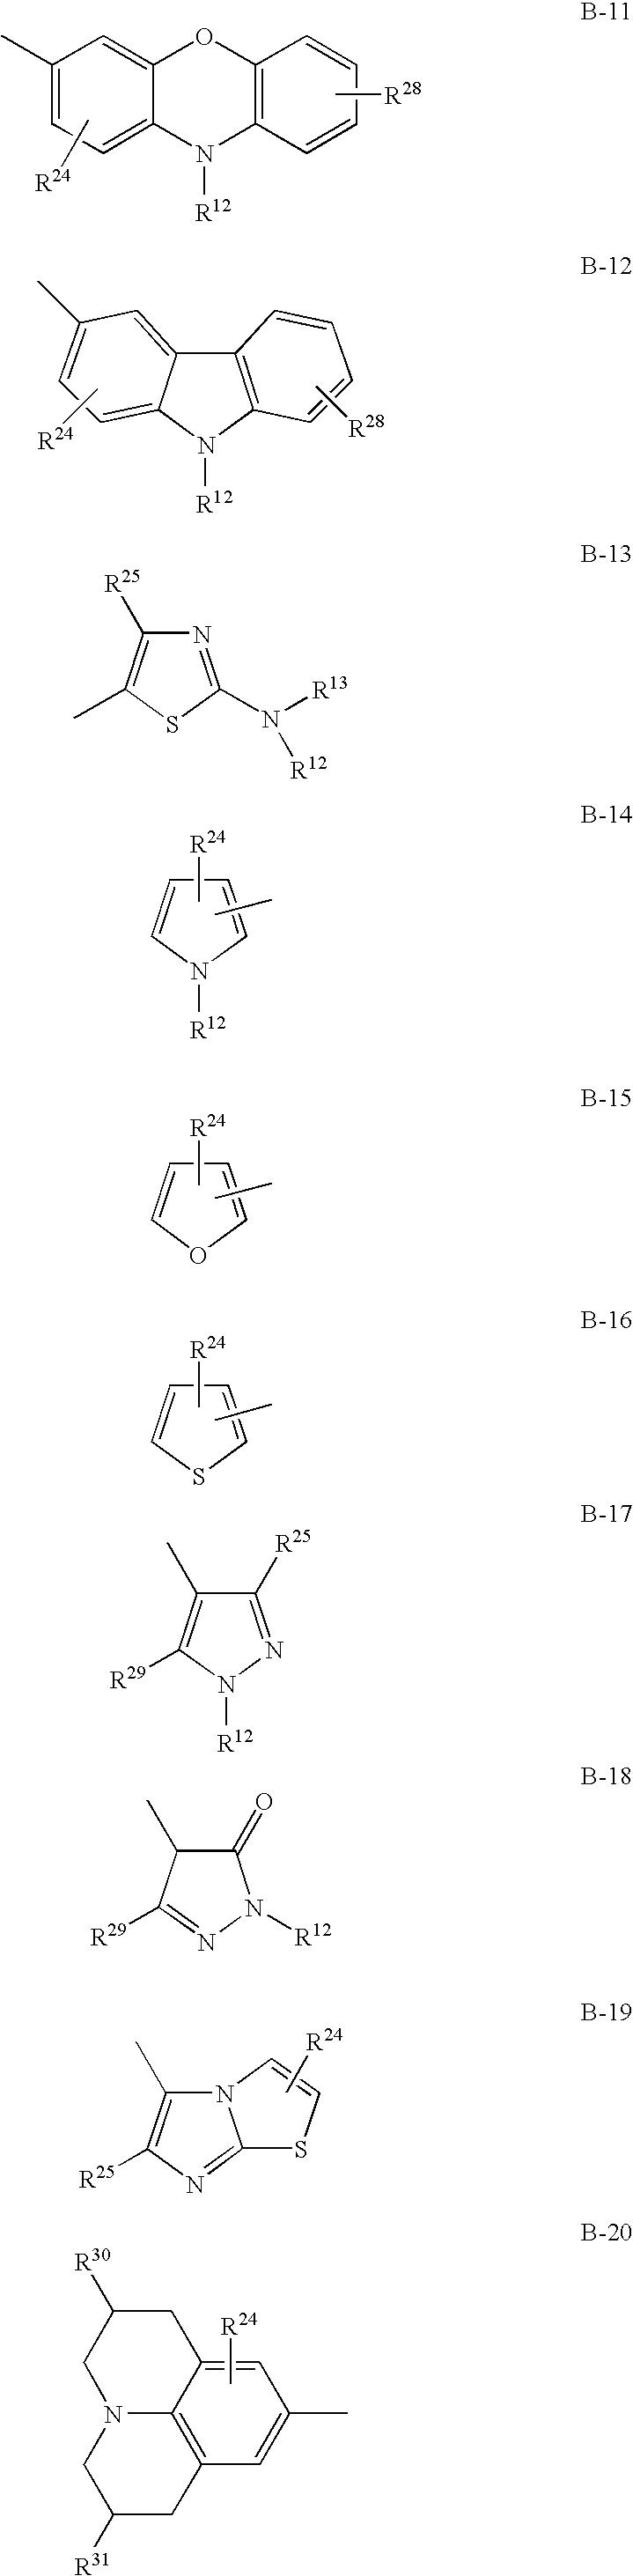 Figure US20070287822A1-20071213-C00013